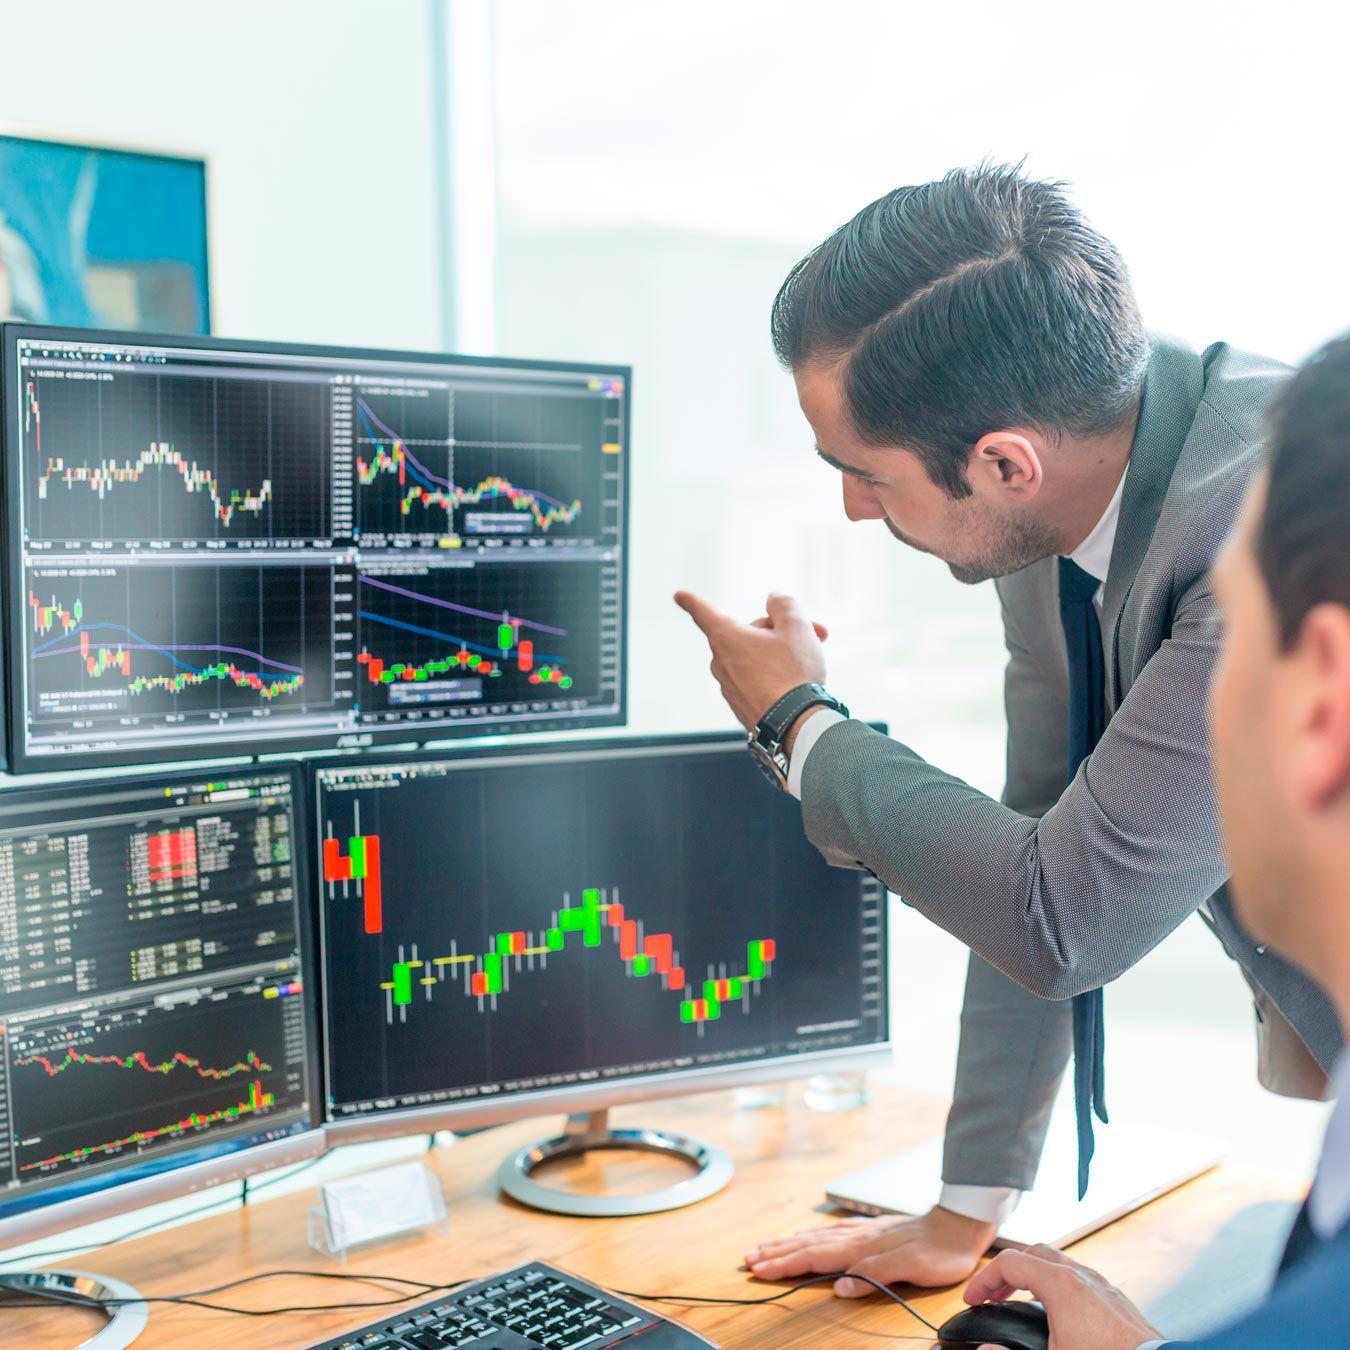 Gestão e Análise Estratégica de Dados  - PUC Minas